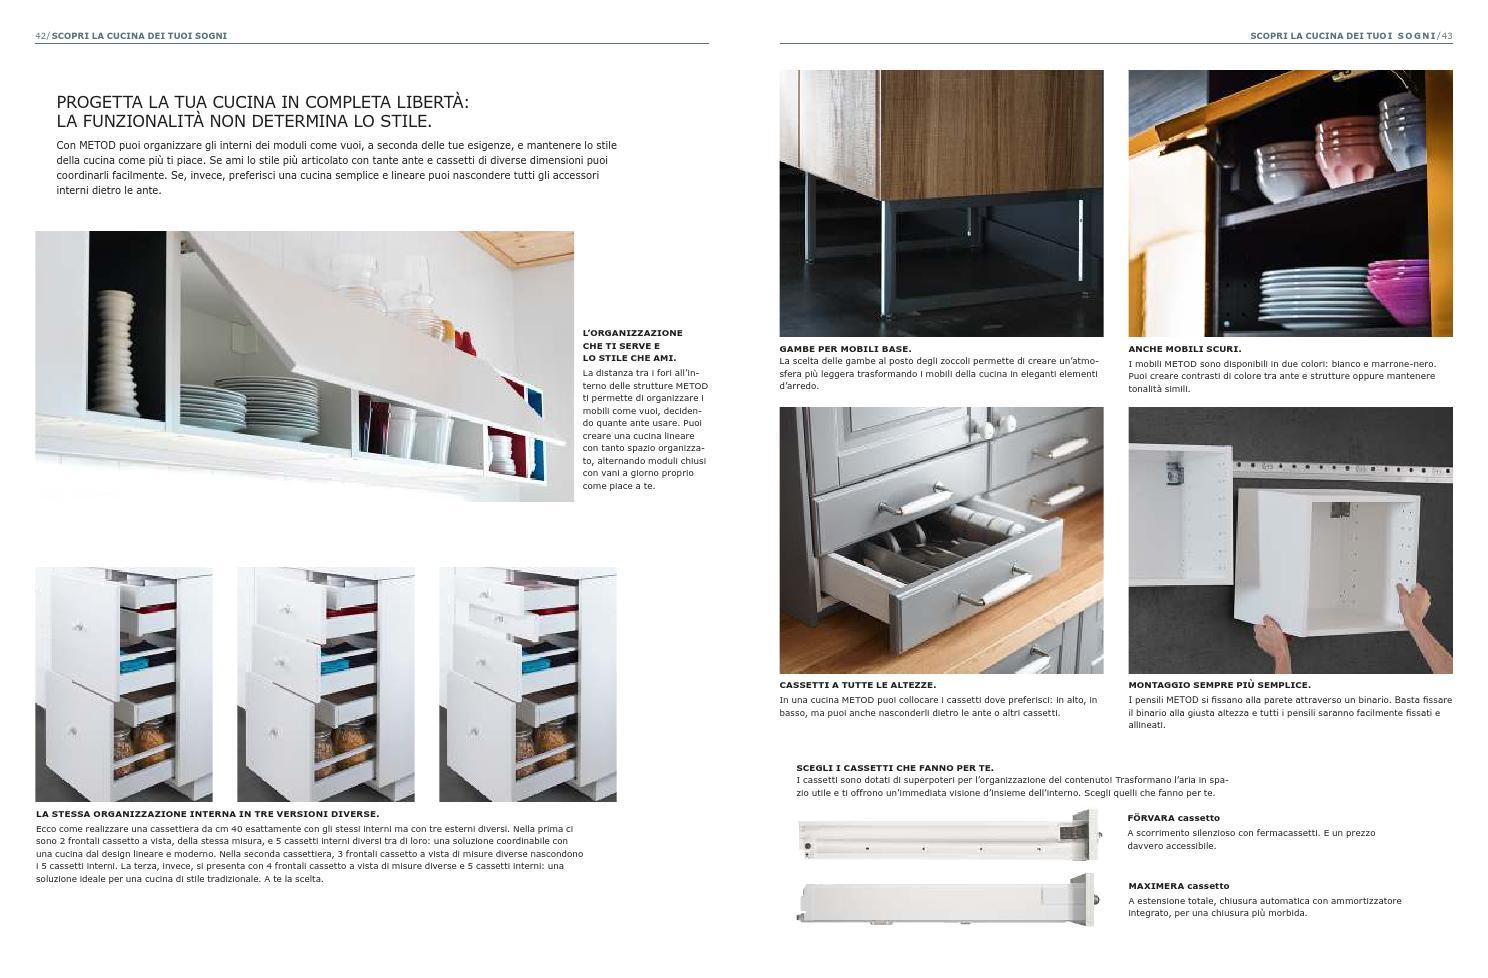 Come Organizzare Cassetti Della Cucina | Dispensa Cucina E Piani Di ...